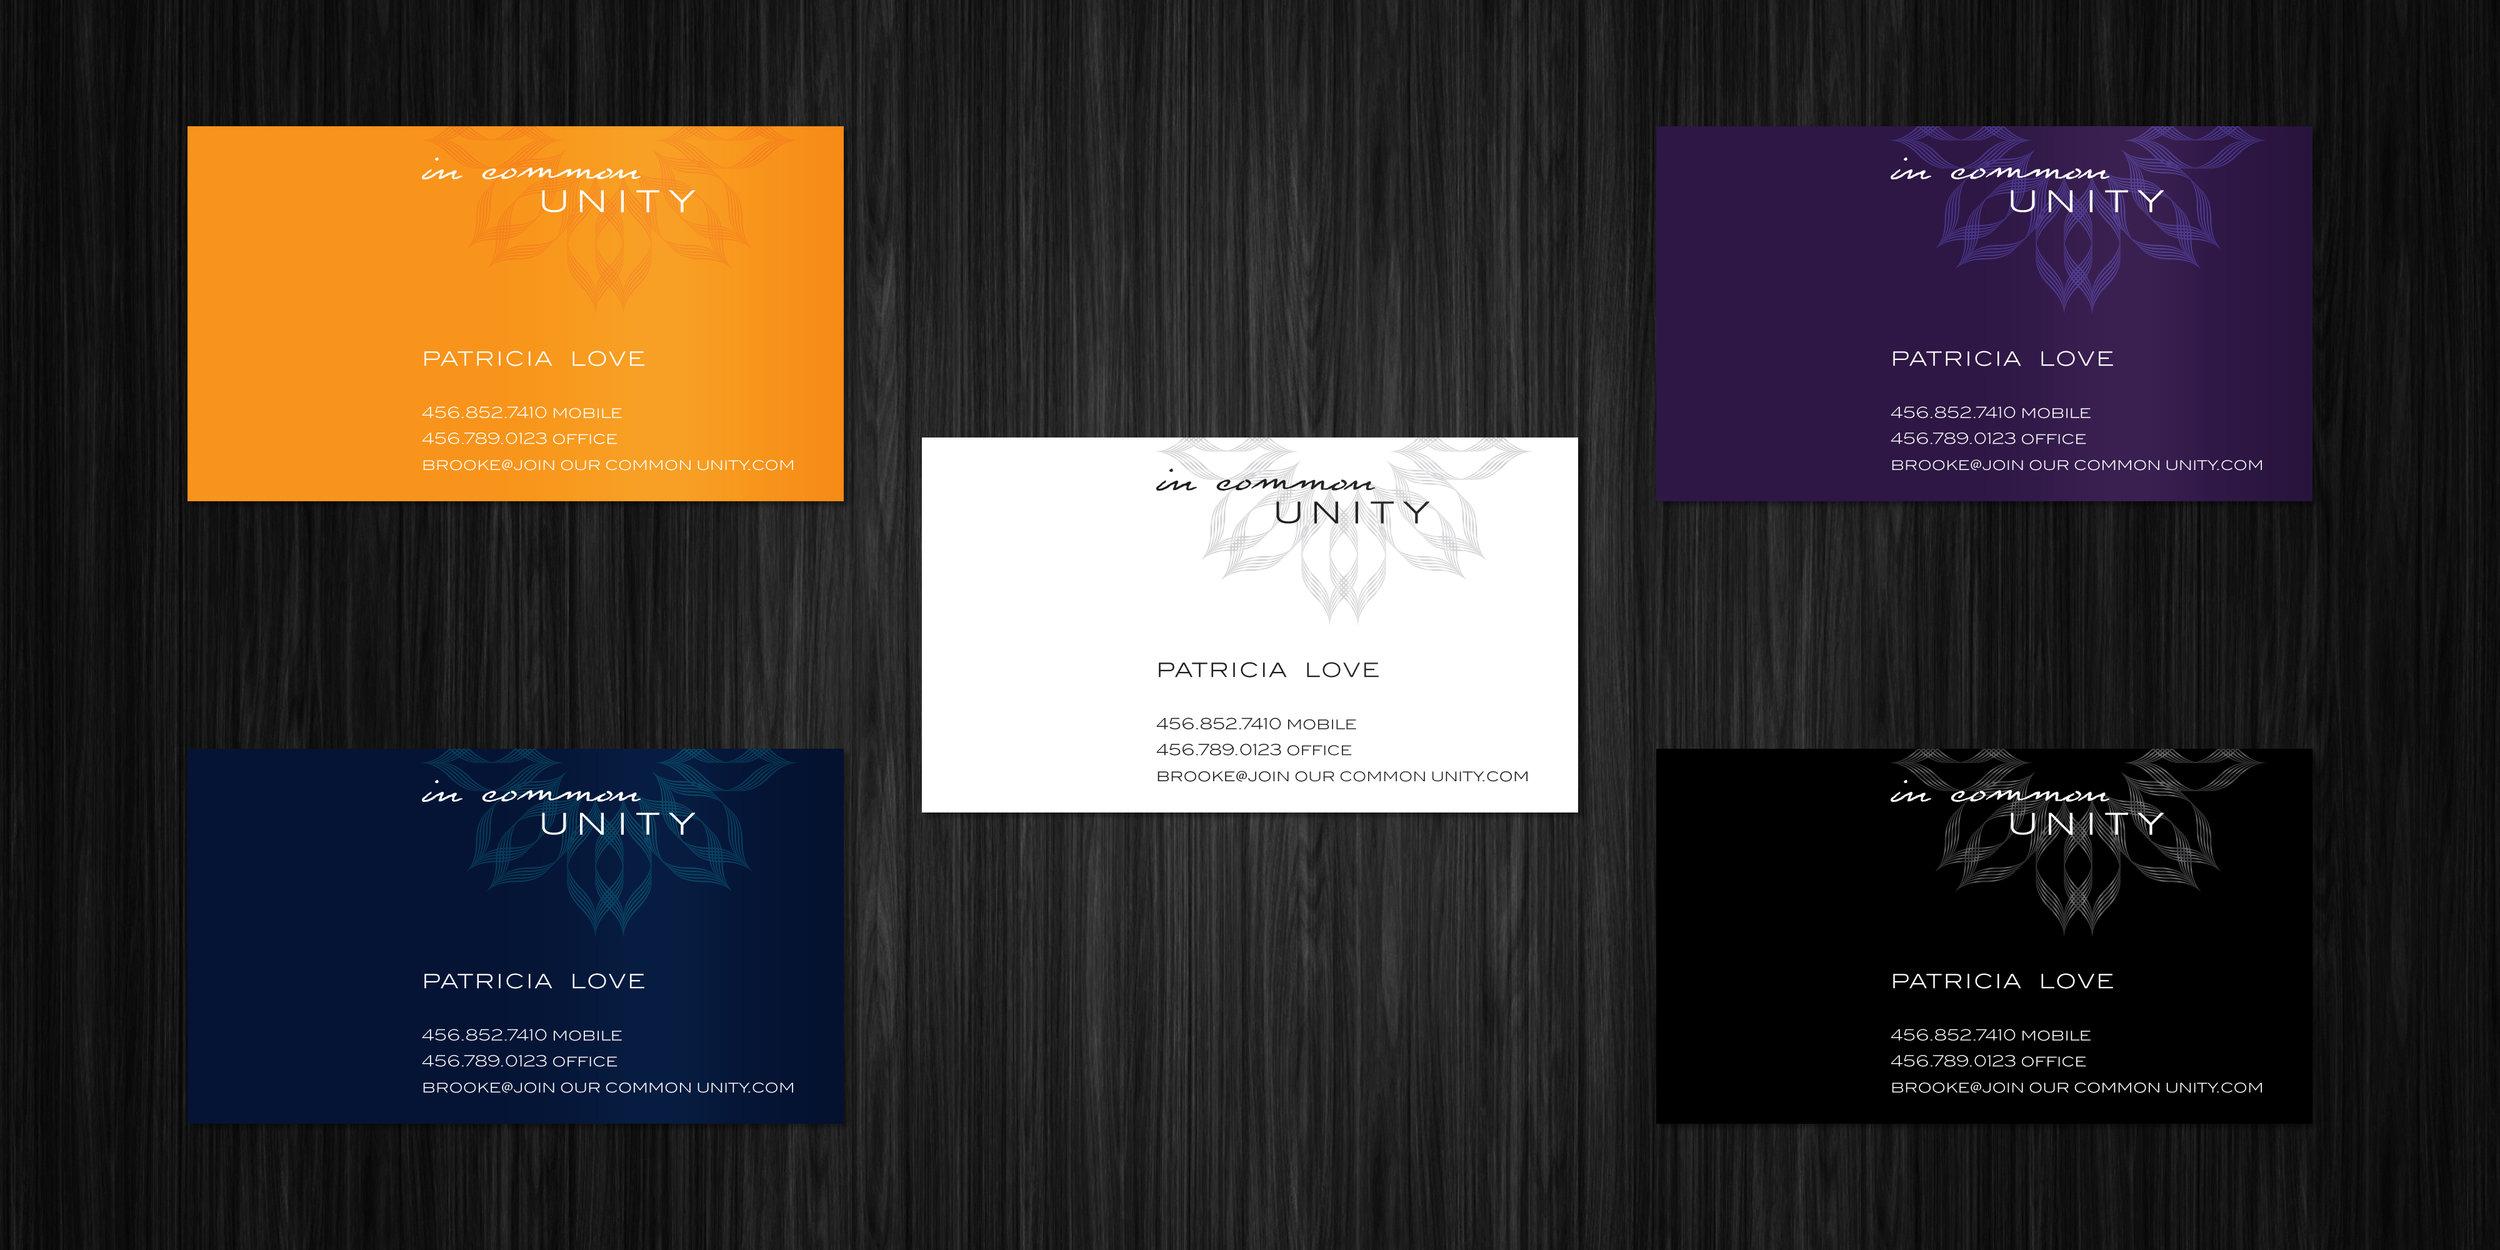 OCR-port-identity-04.jpg